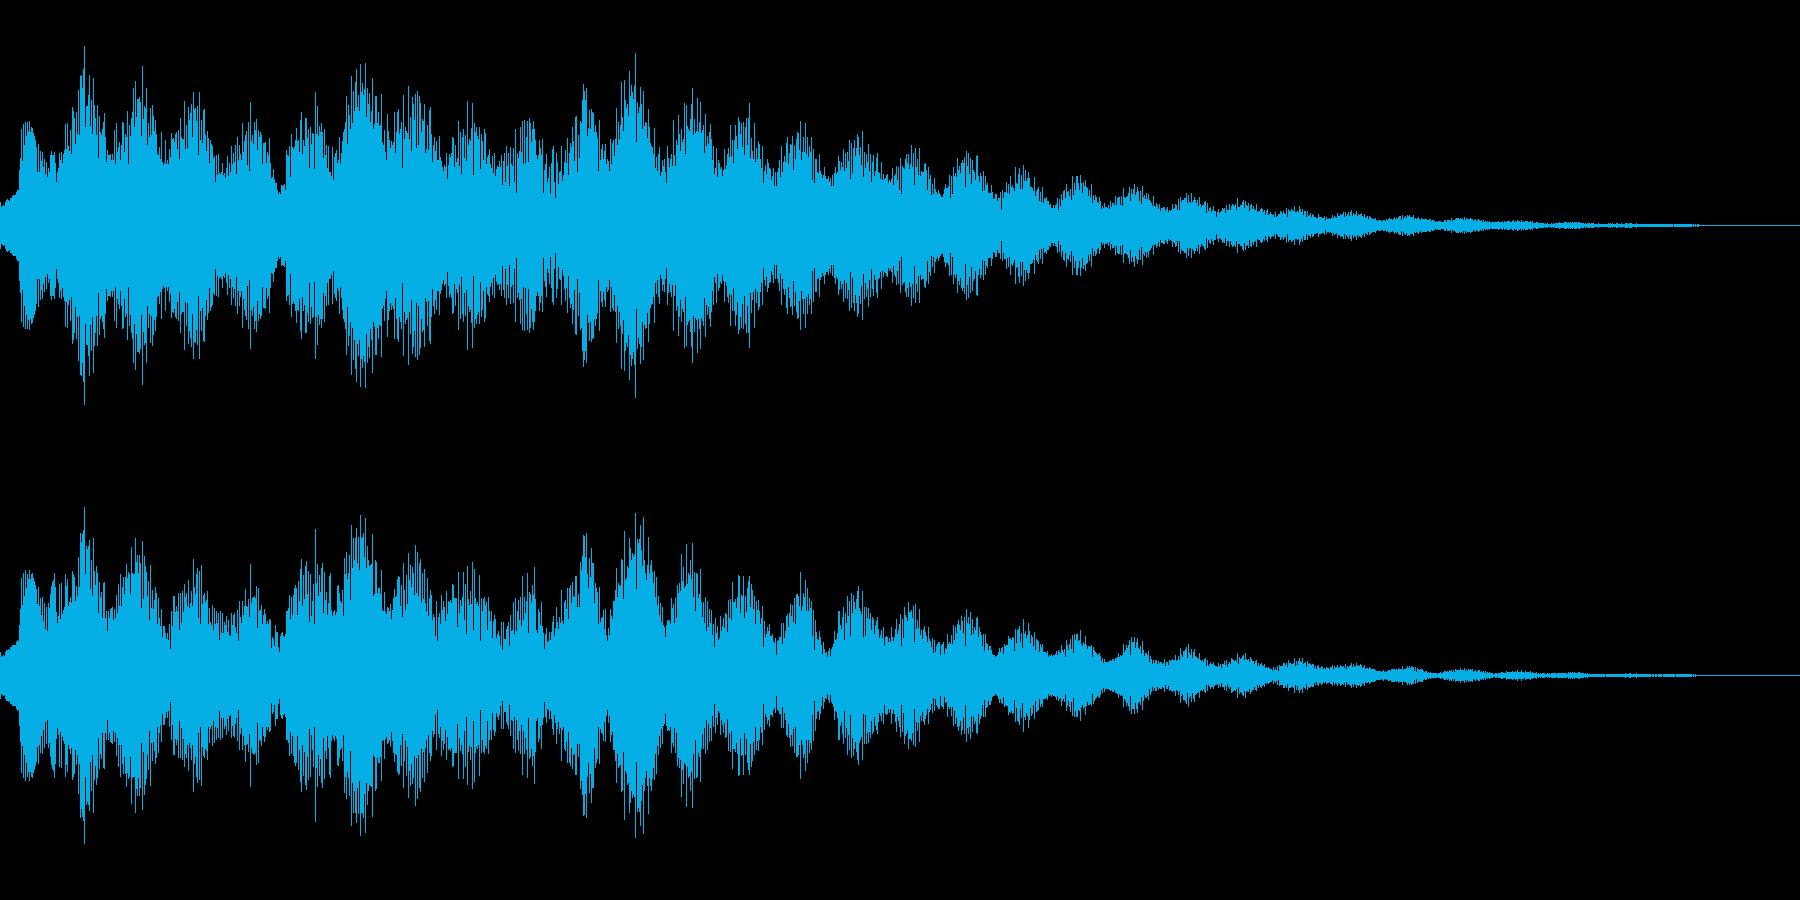 エレクトリックピアノを使ったサウンドロゴの再生済みの波形